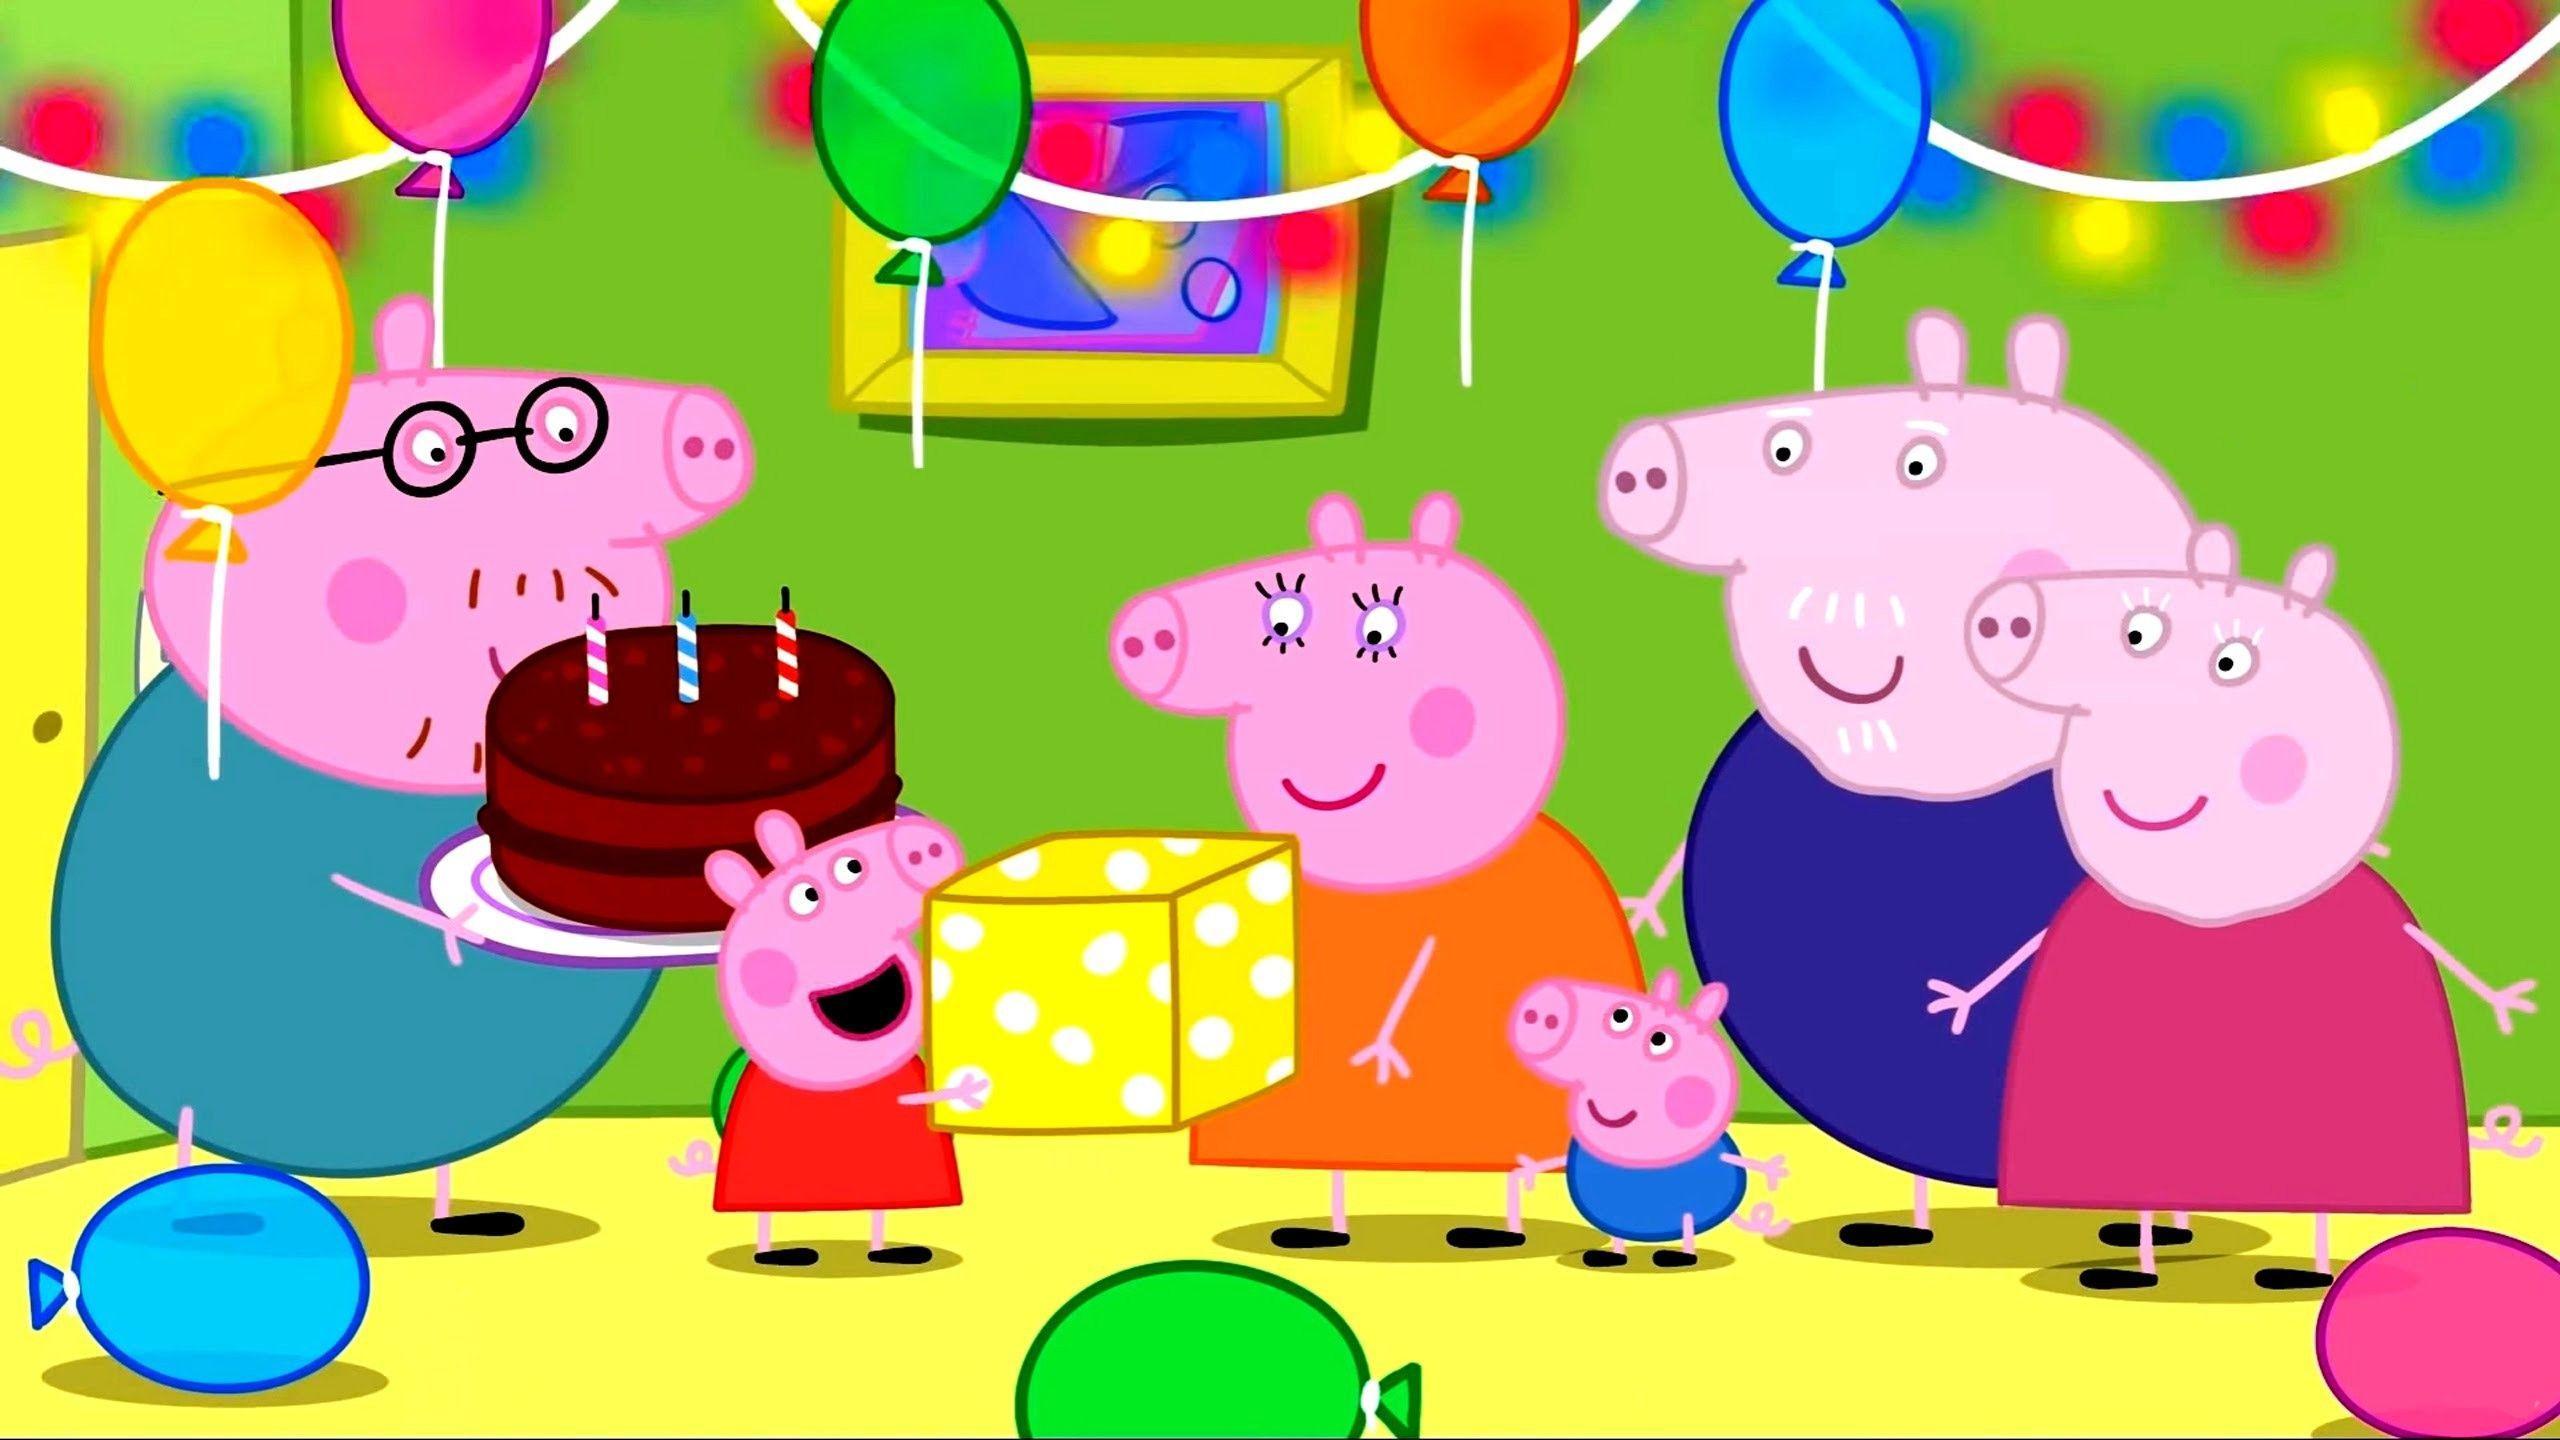 Peppa Pig Birthday Wallpapers - Top Free Peppa Pig ...